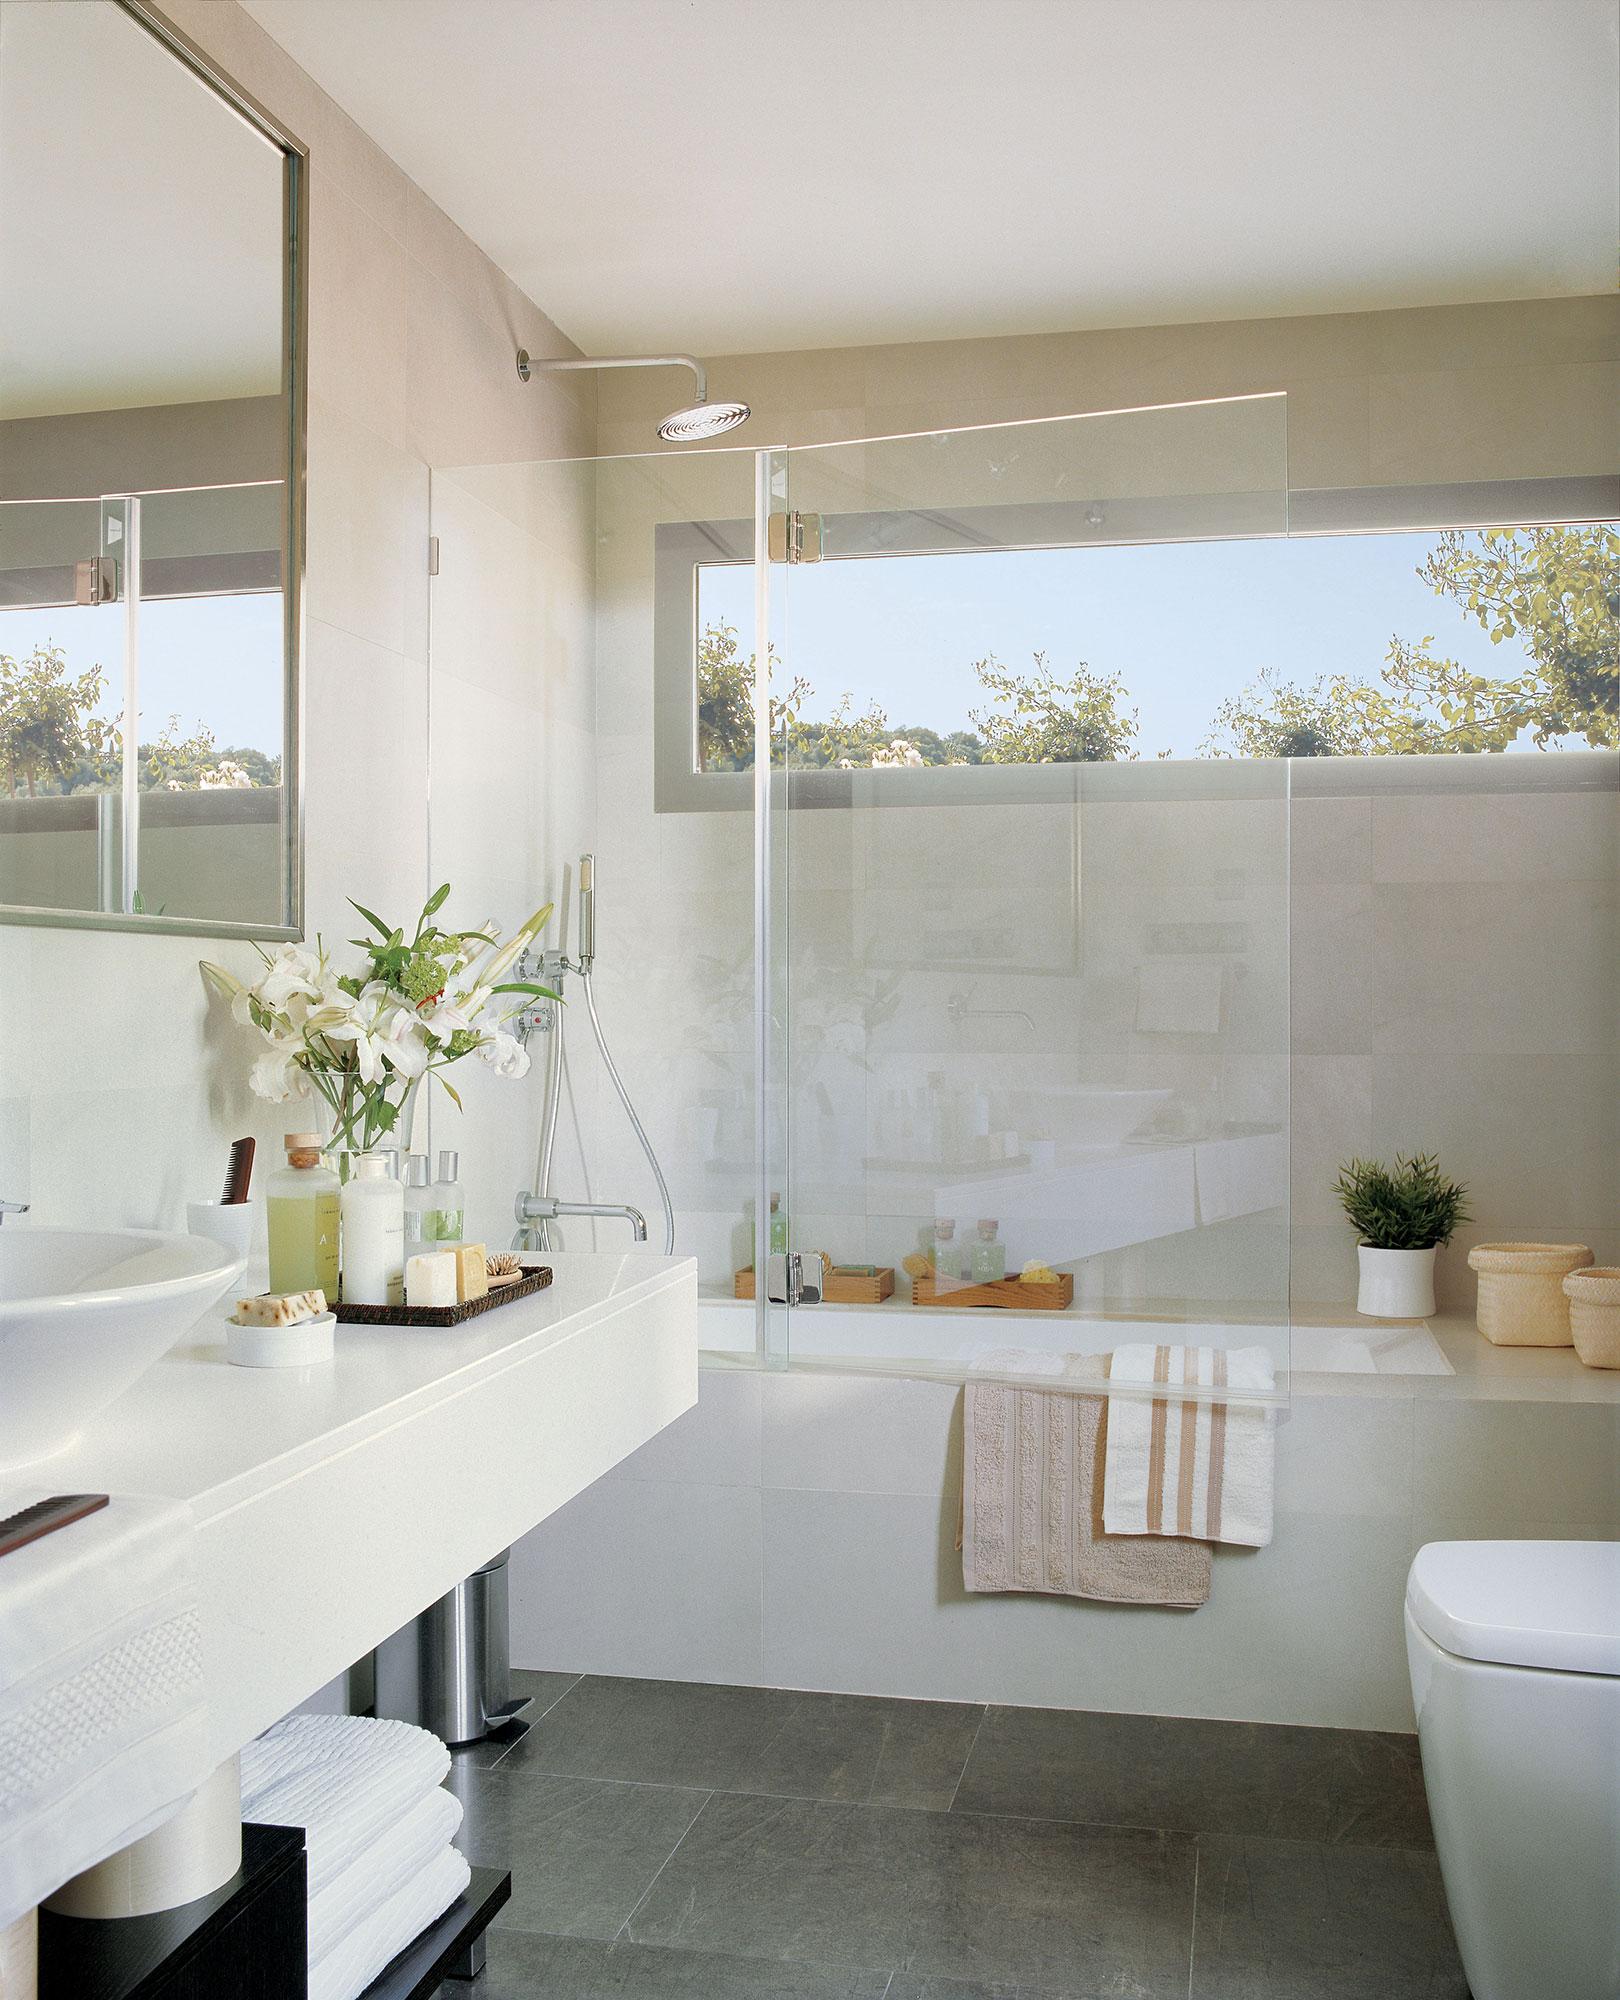 Trucos naturales para mantener el ba o impecable - Como limpiar paredes blancas ...